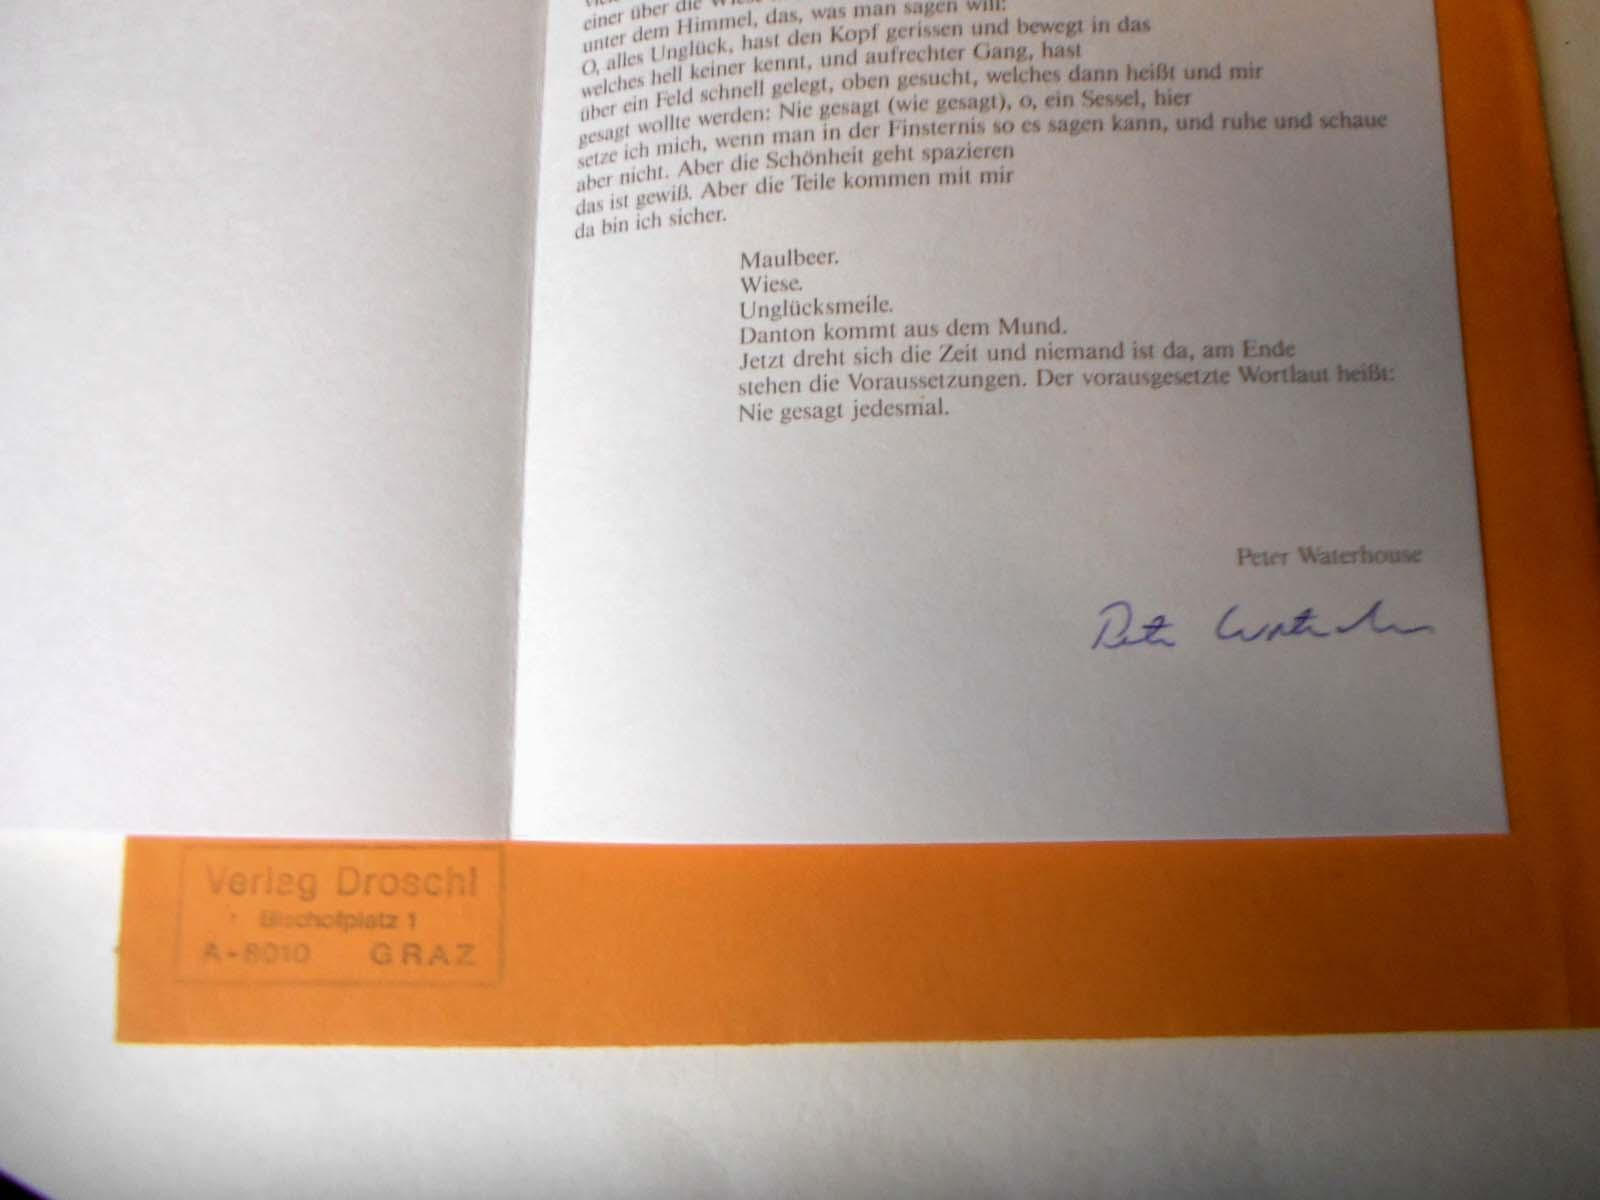 Jahresgabe Der Manuskripte Edition 1985